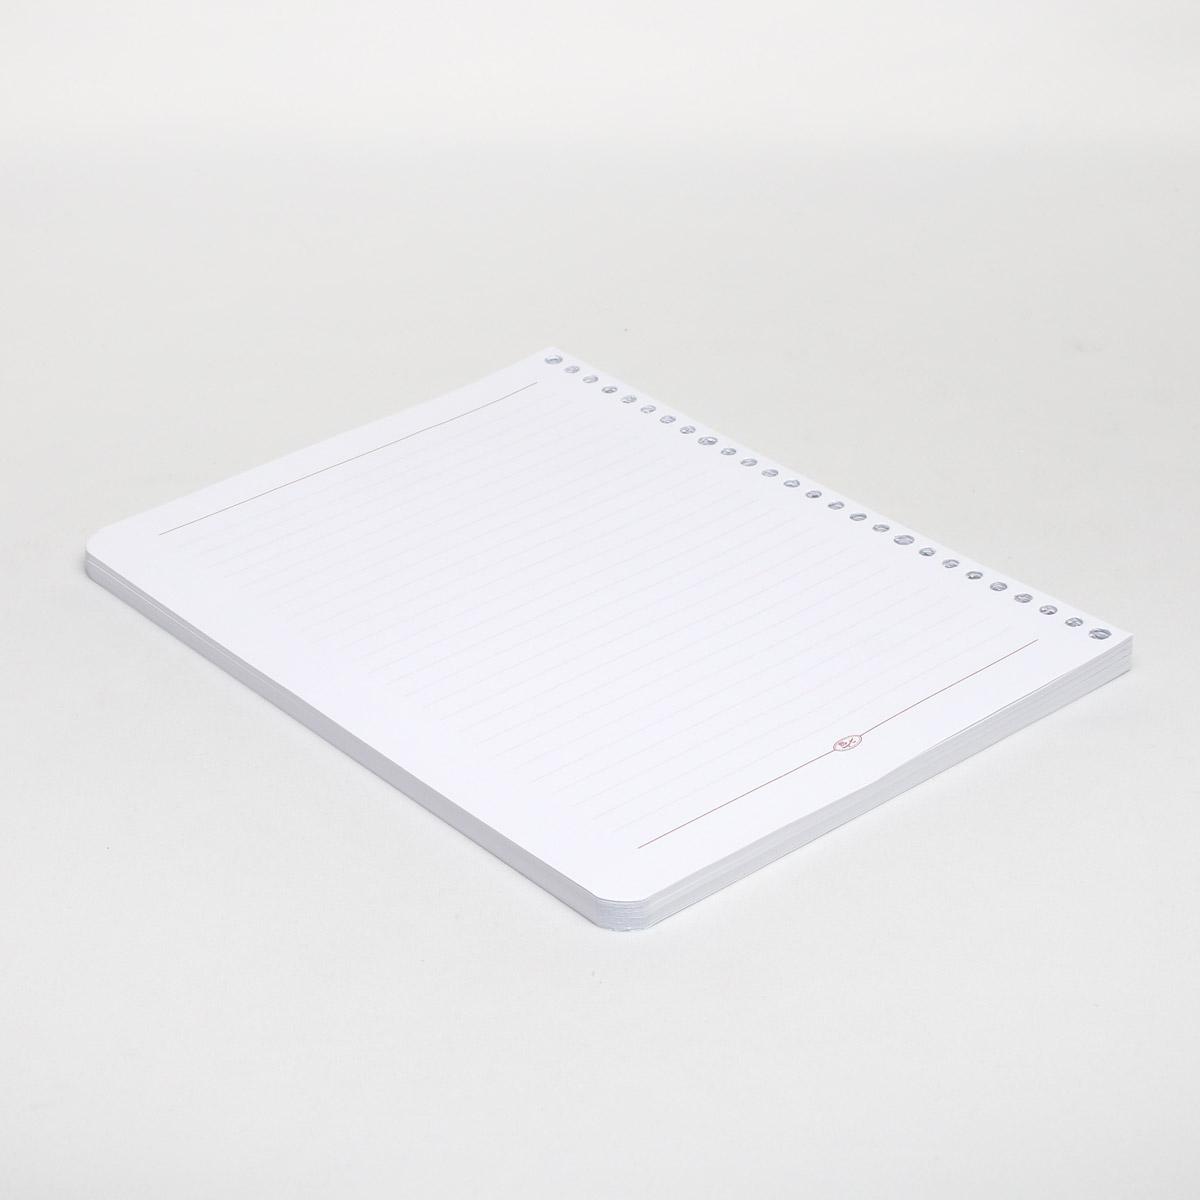 کاغذ کلاسور 26 حلقه تحریر خط دار بسته 80 برگی